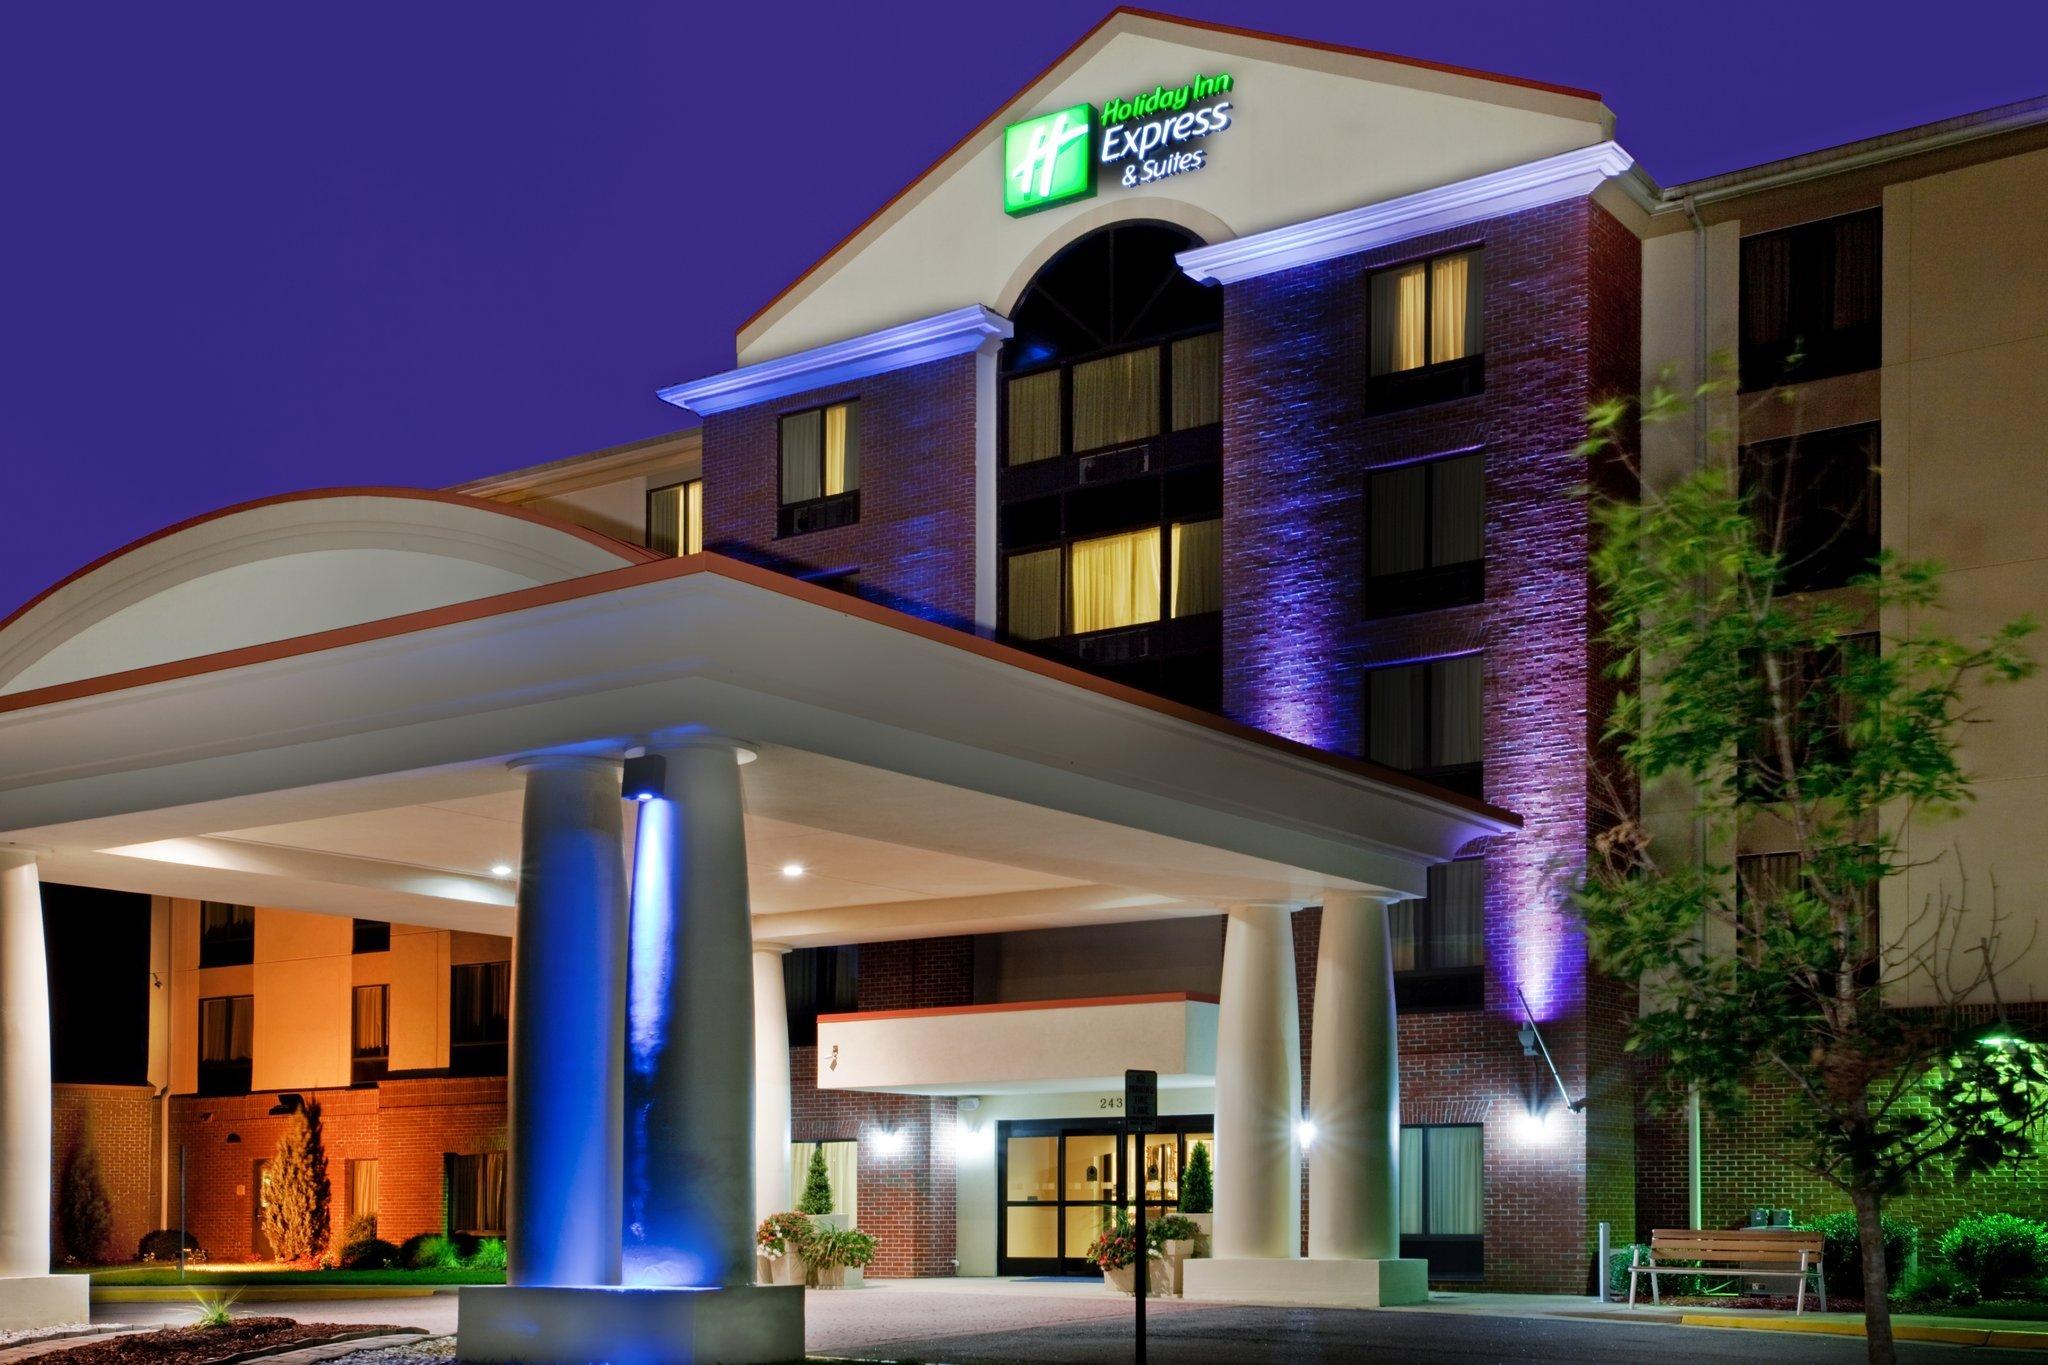 ホリデー イン エクスプレス チェサピーク ホテル